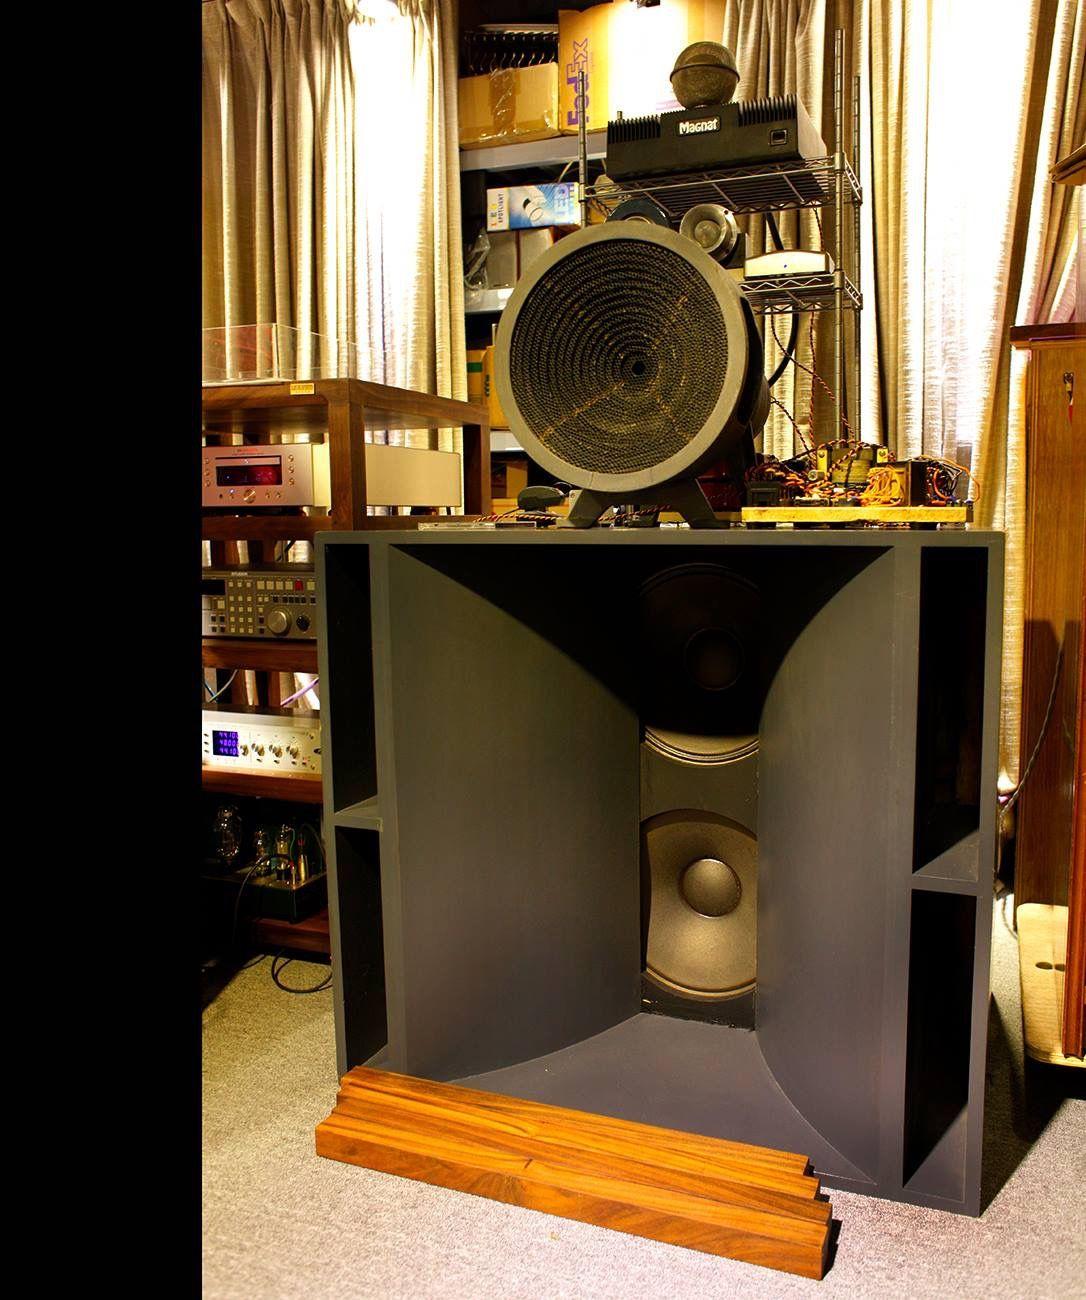 pin von holger barske auf audio krempel i like pro audio. Black Bedroom Furniture Sets. Home Design Ideas